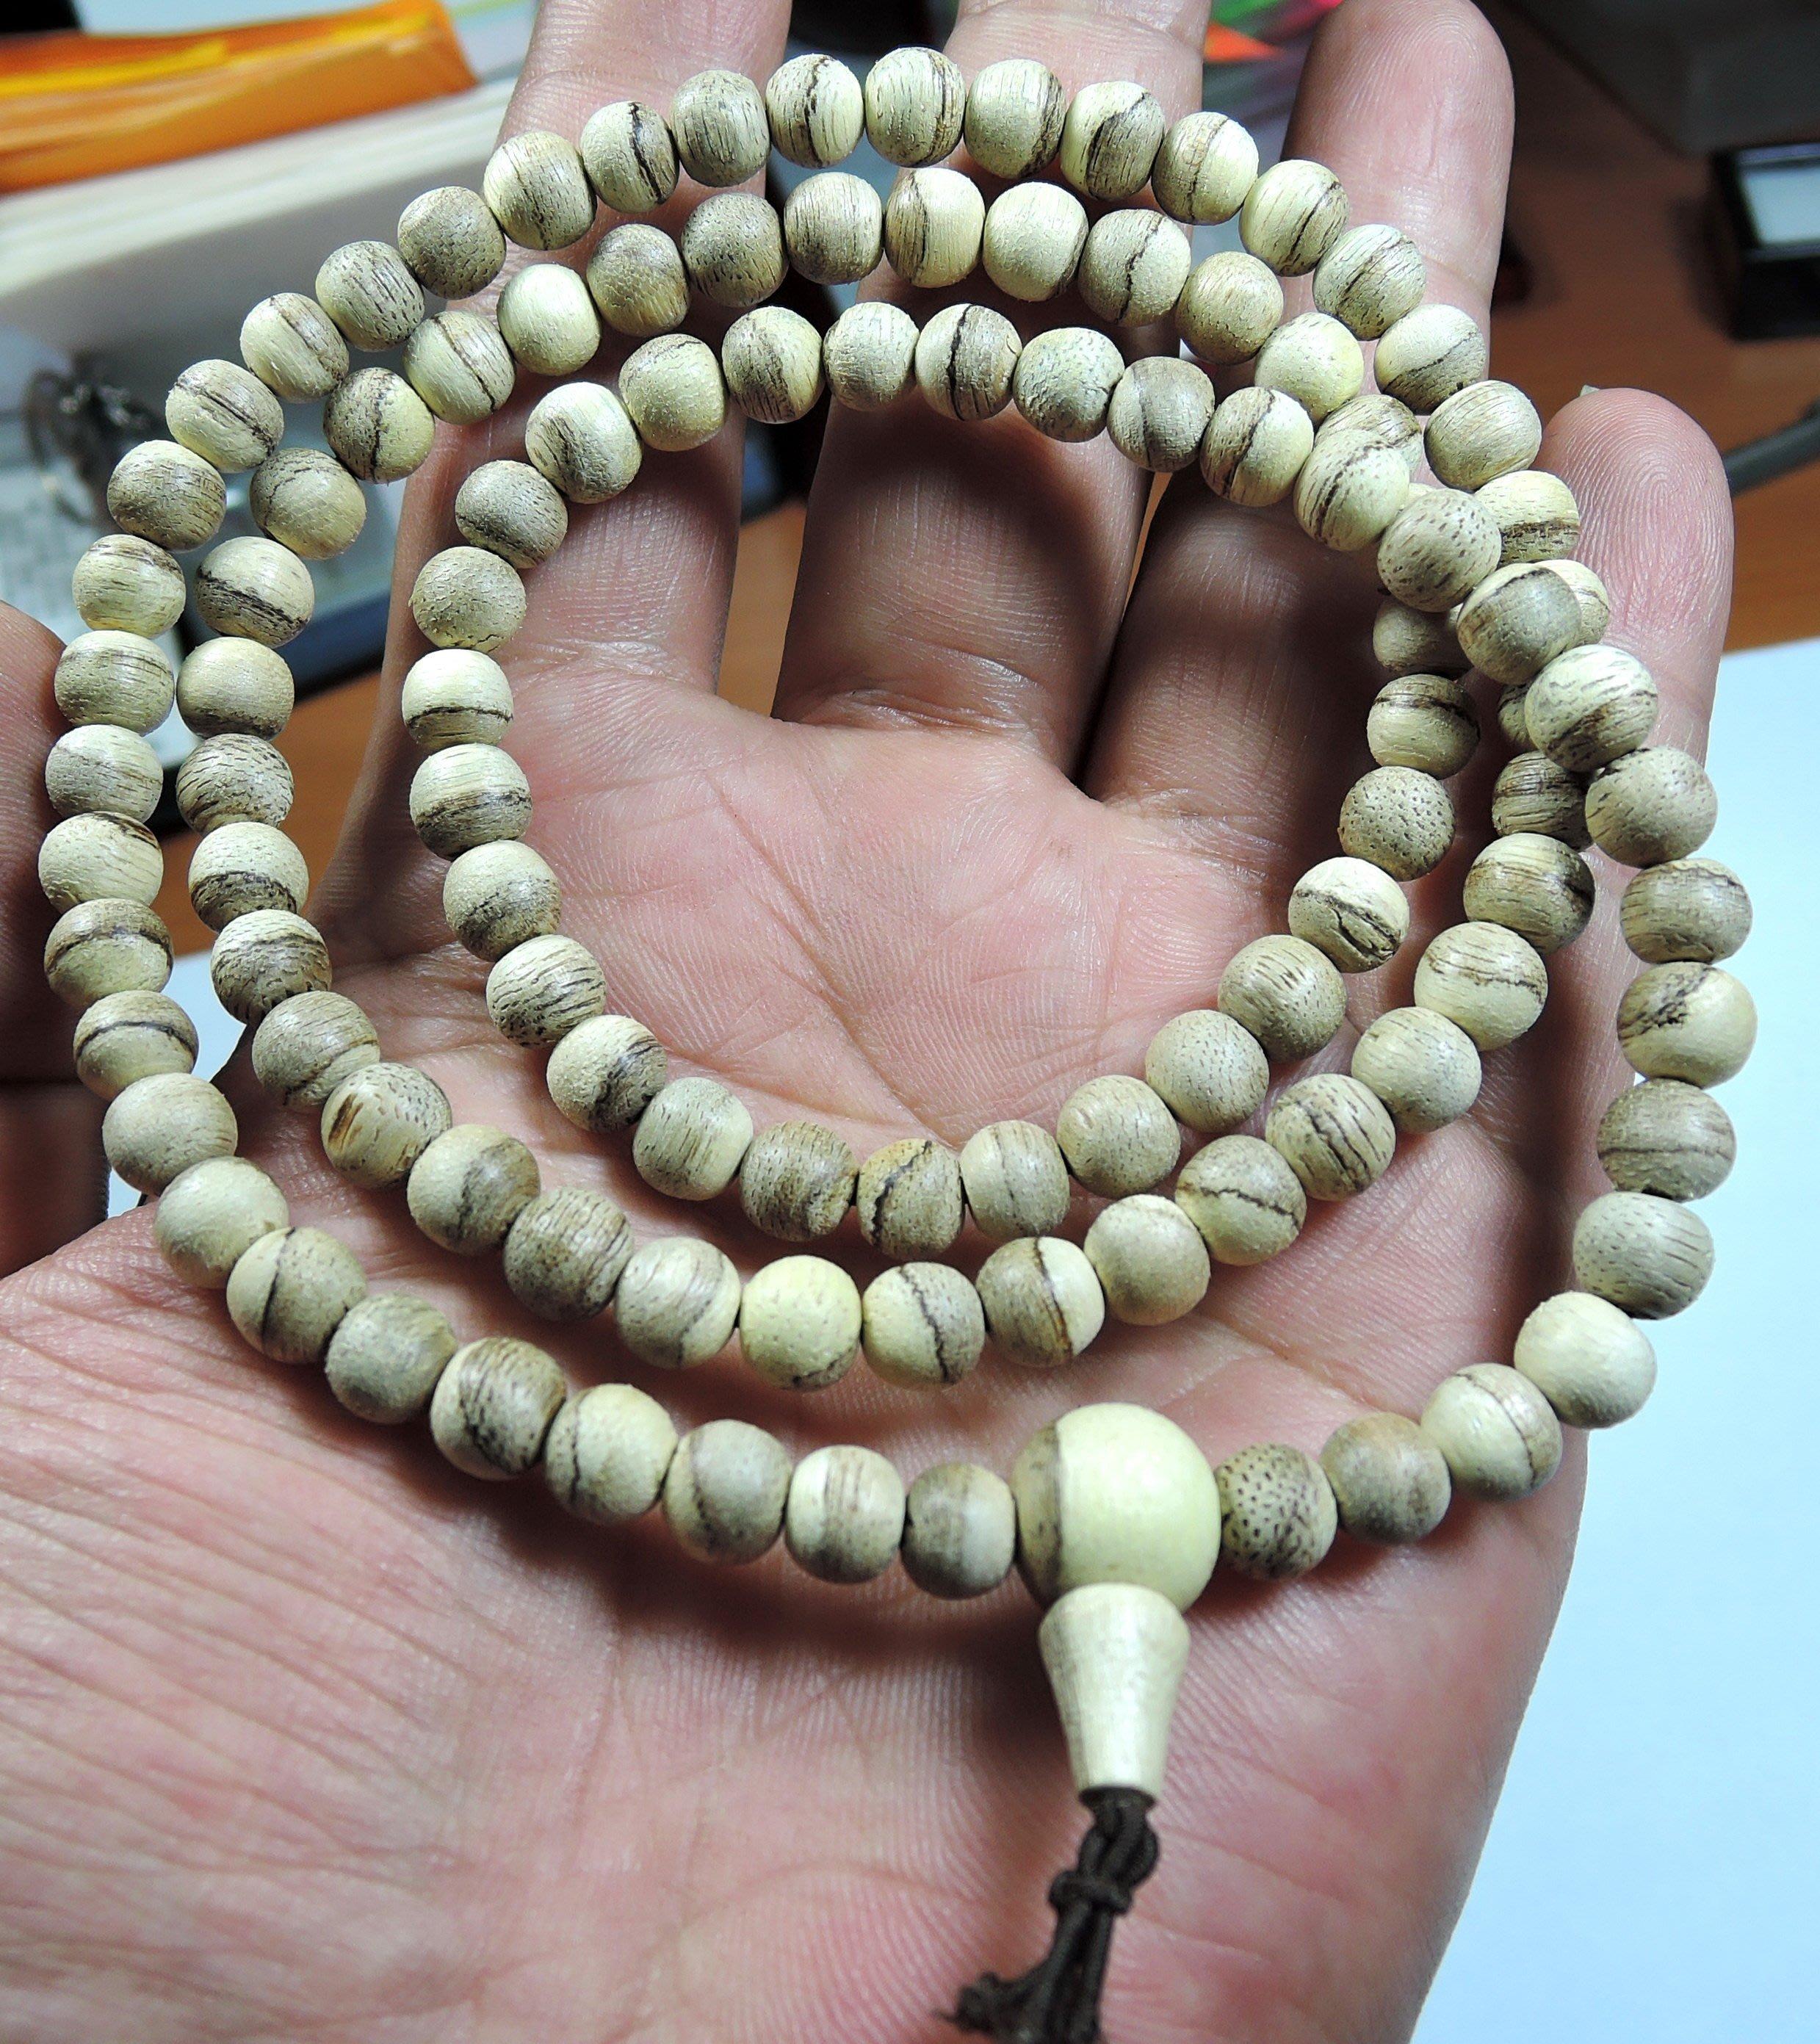 缺貨可議價19R1印尼加里曼丹油線好沉香.108顆手珠6mm約0g